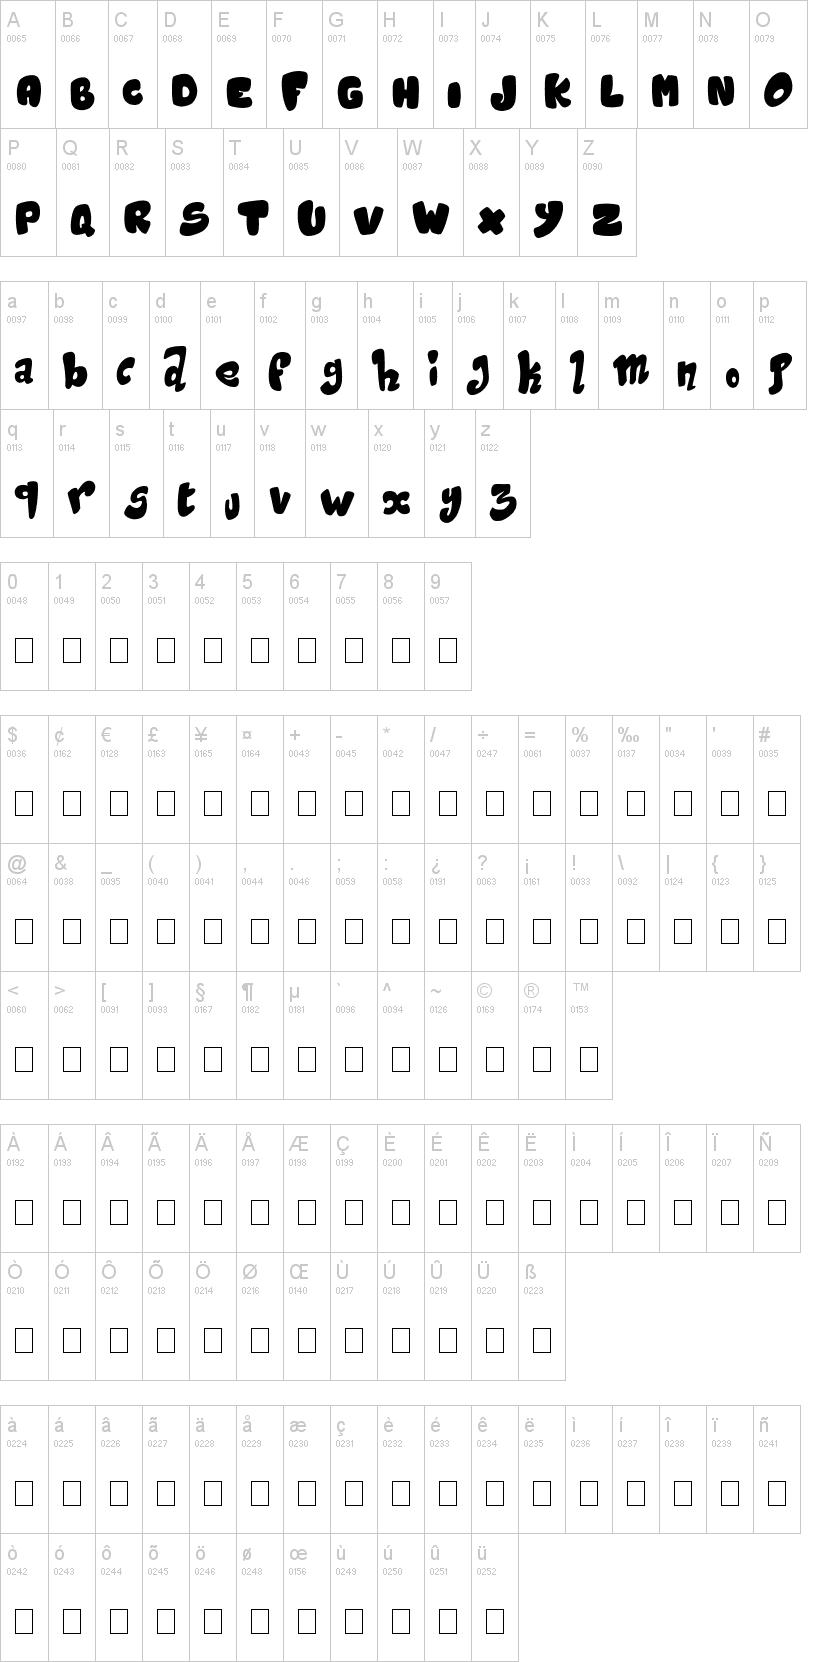 Magic Sound Font | dafont com